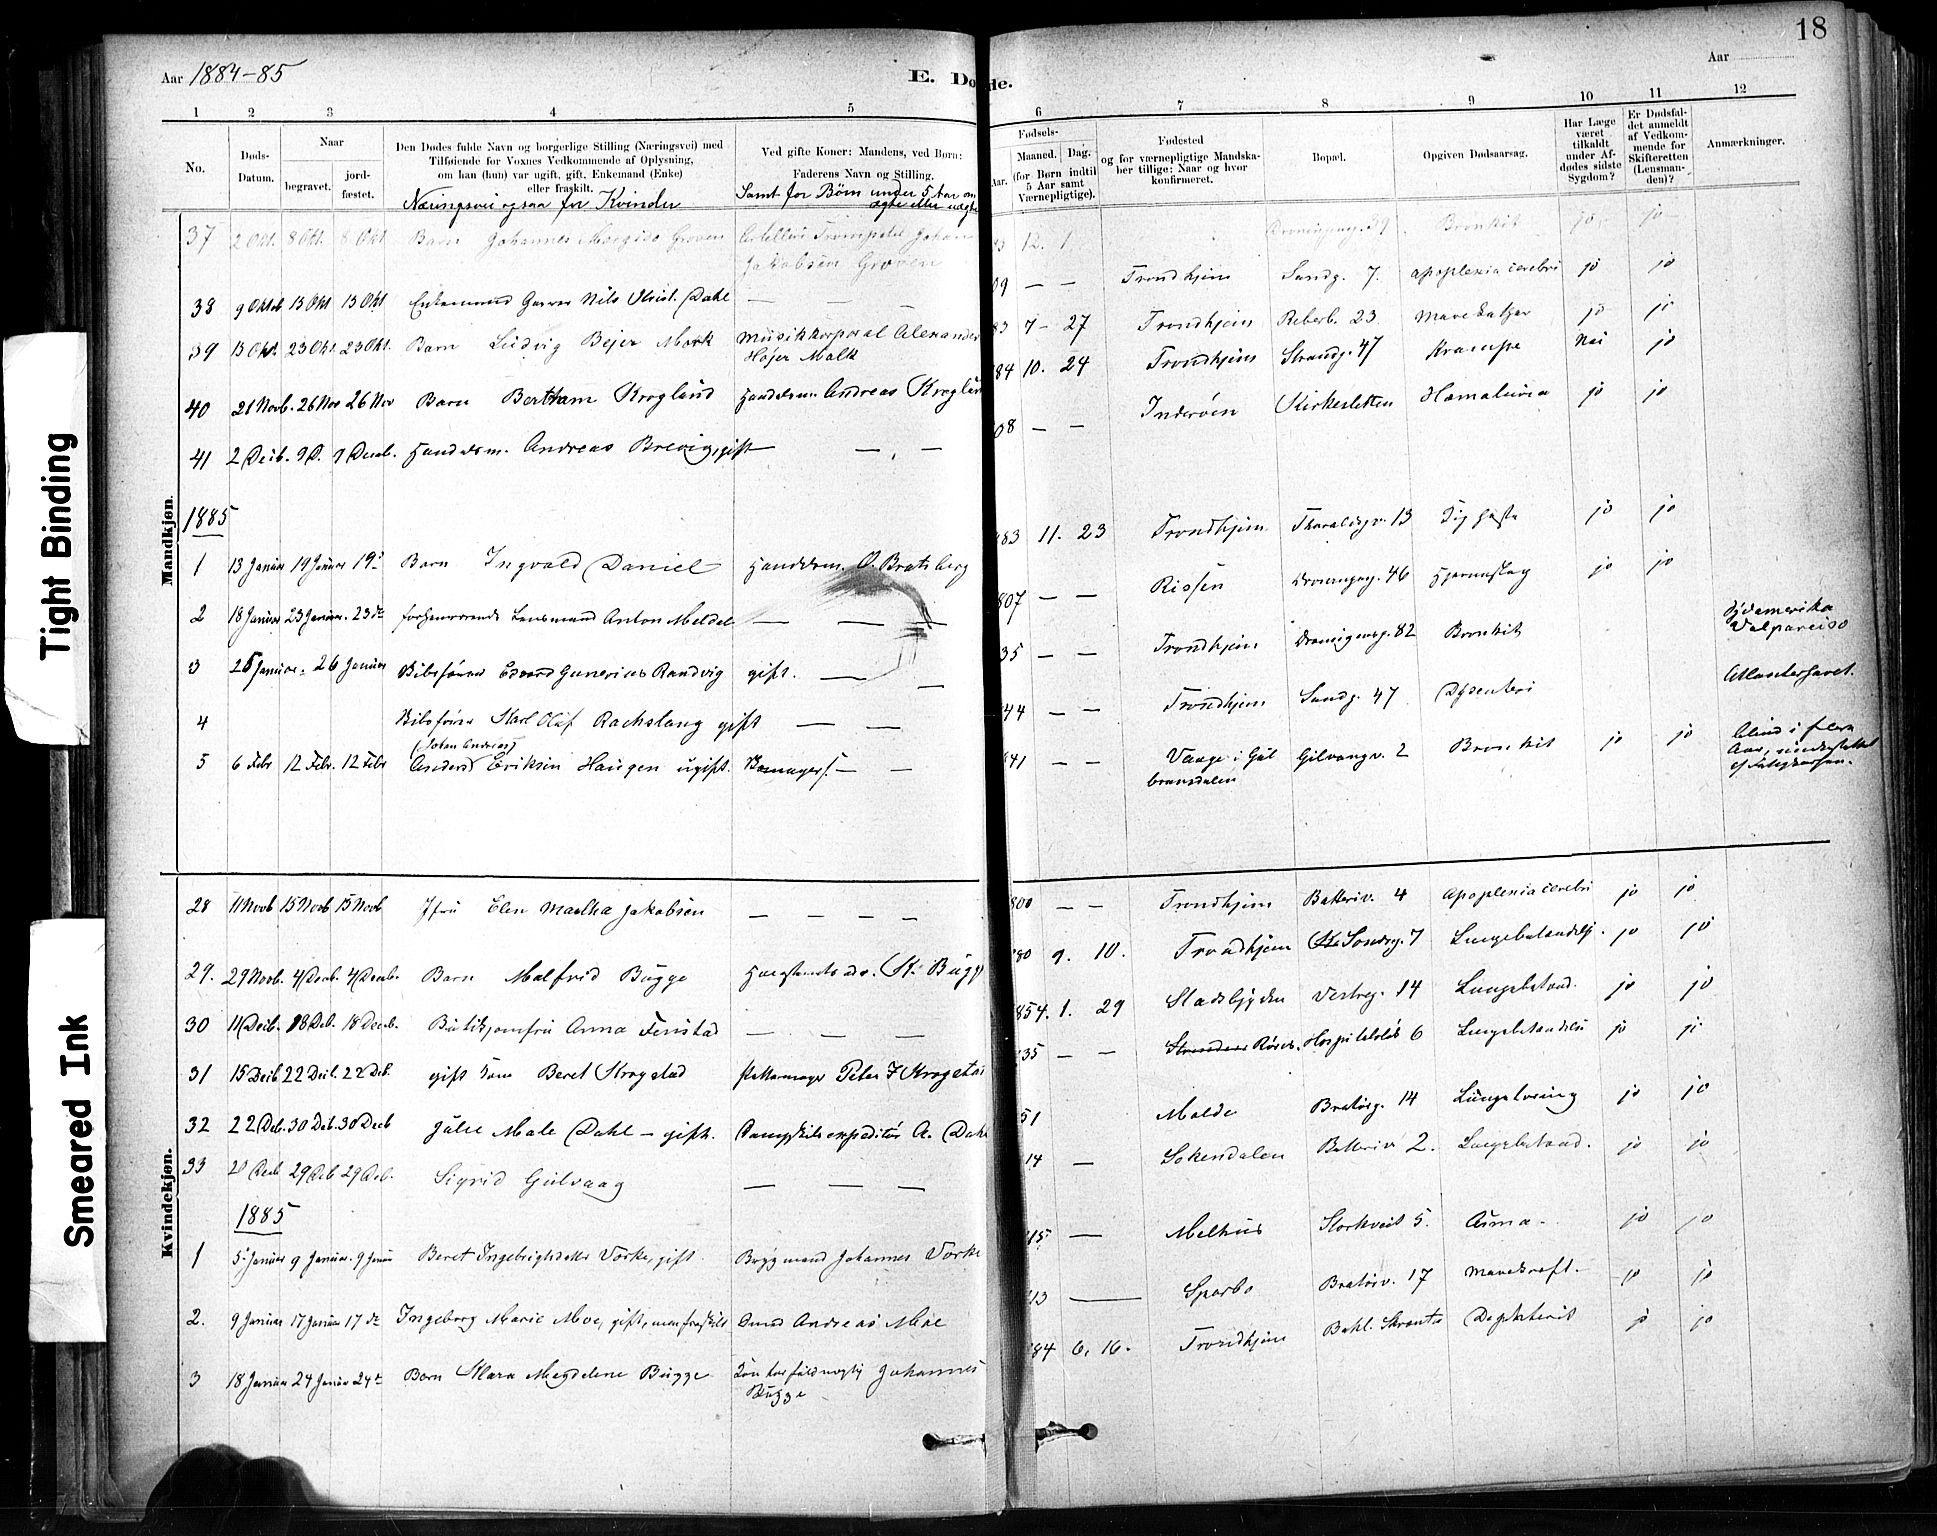 SAT, Ministerialprotokoller, klokkerbøker og fødselsregistre - Sør-Trøndelag, 602/L0120: Ministerialbok nr. 602A18, 1880-1913, s. 18